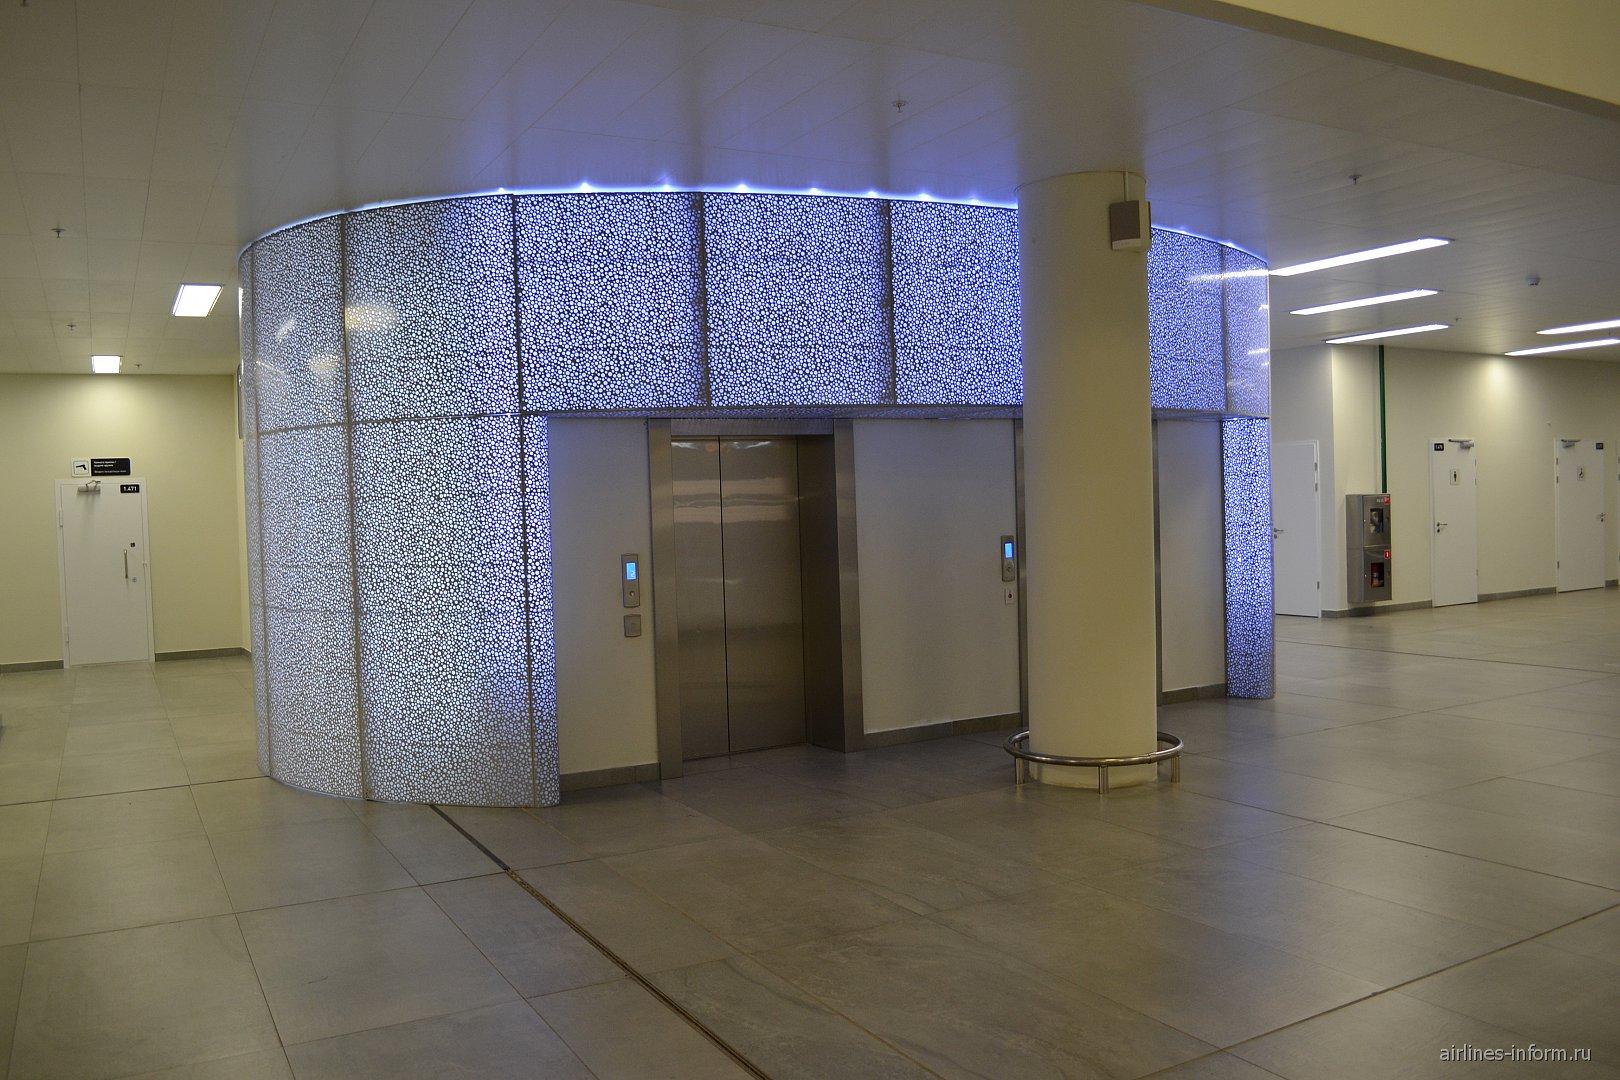 Лифт для маломобильных пассажиров в аэропорту Самара Курумоч